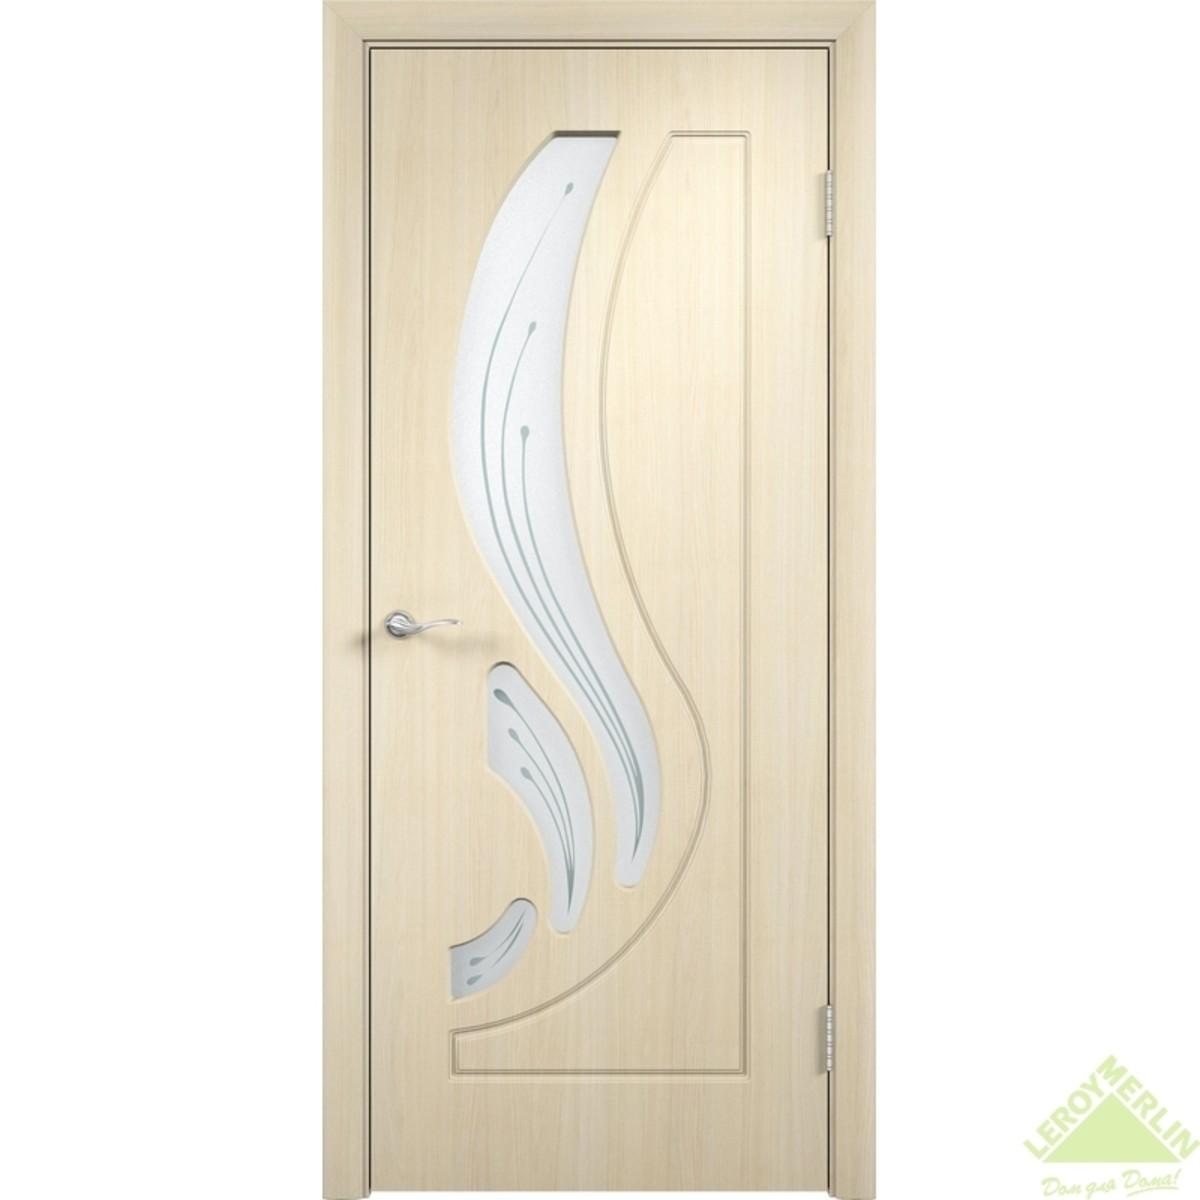 Дверное полотно остеклённое Лиана Сатинато 600x2000 мм ПВХ белёный дуб